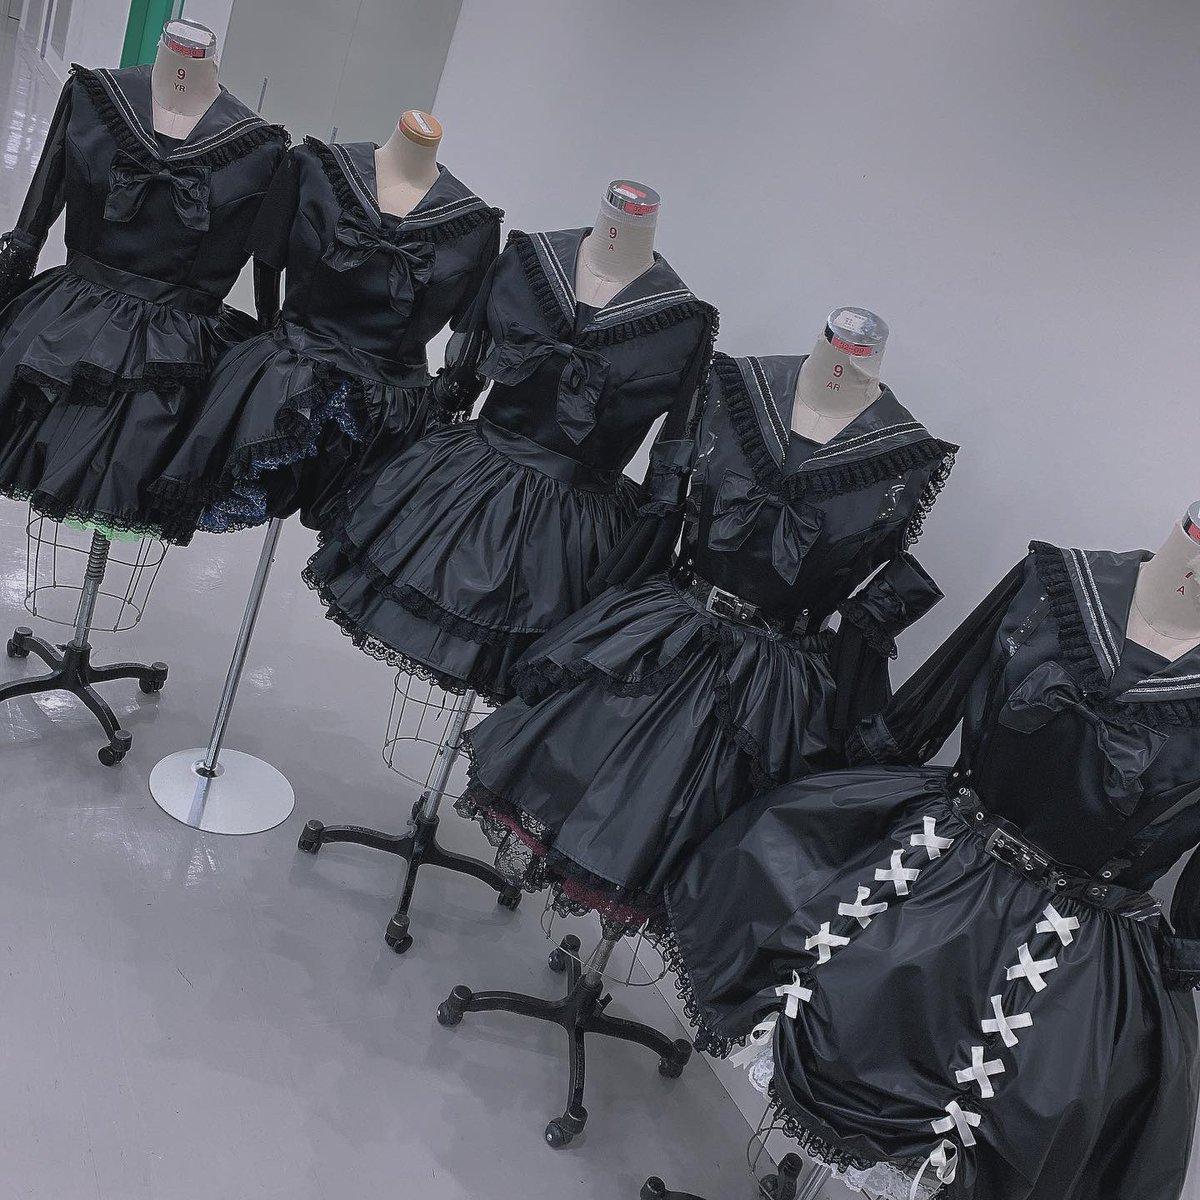 天才なので見てくださいこれ地下アイドルをイメージしてアイドル衣装をつくりました、、、5着ともデザインさせていただきました、、、褒めてください、、、、